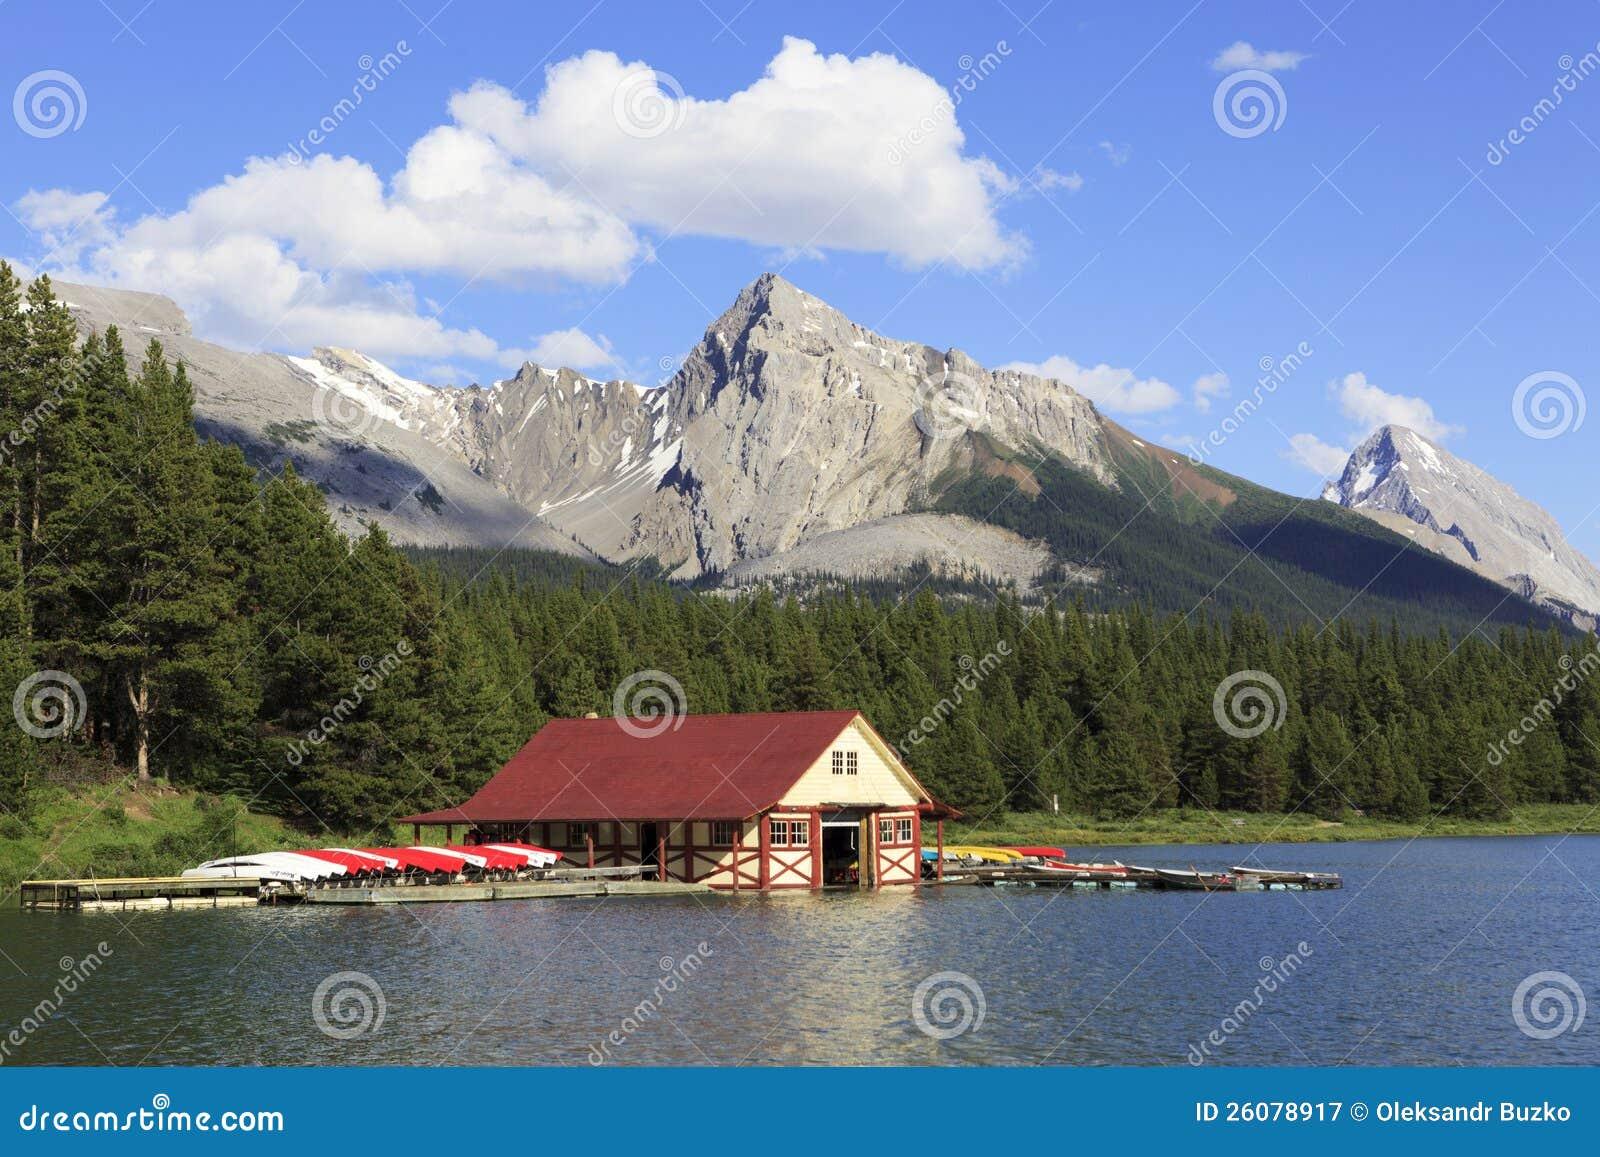 the lake house pdf free download